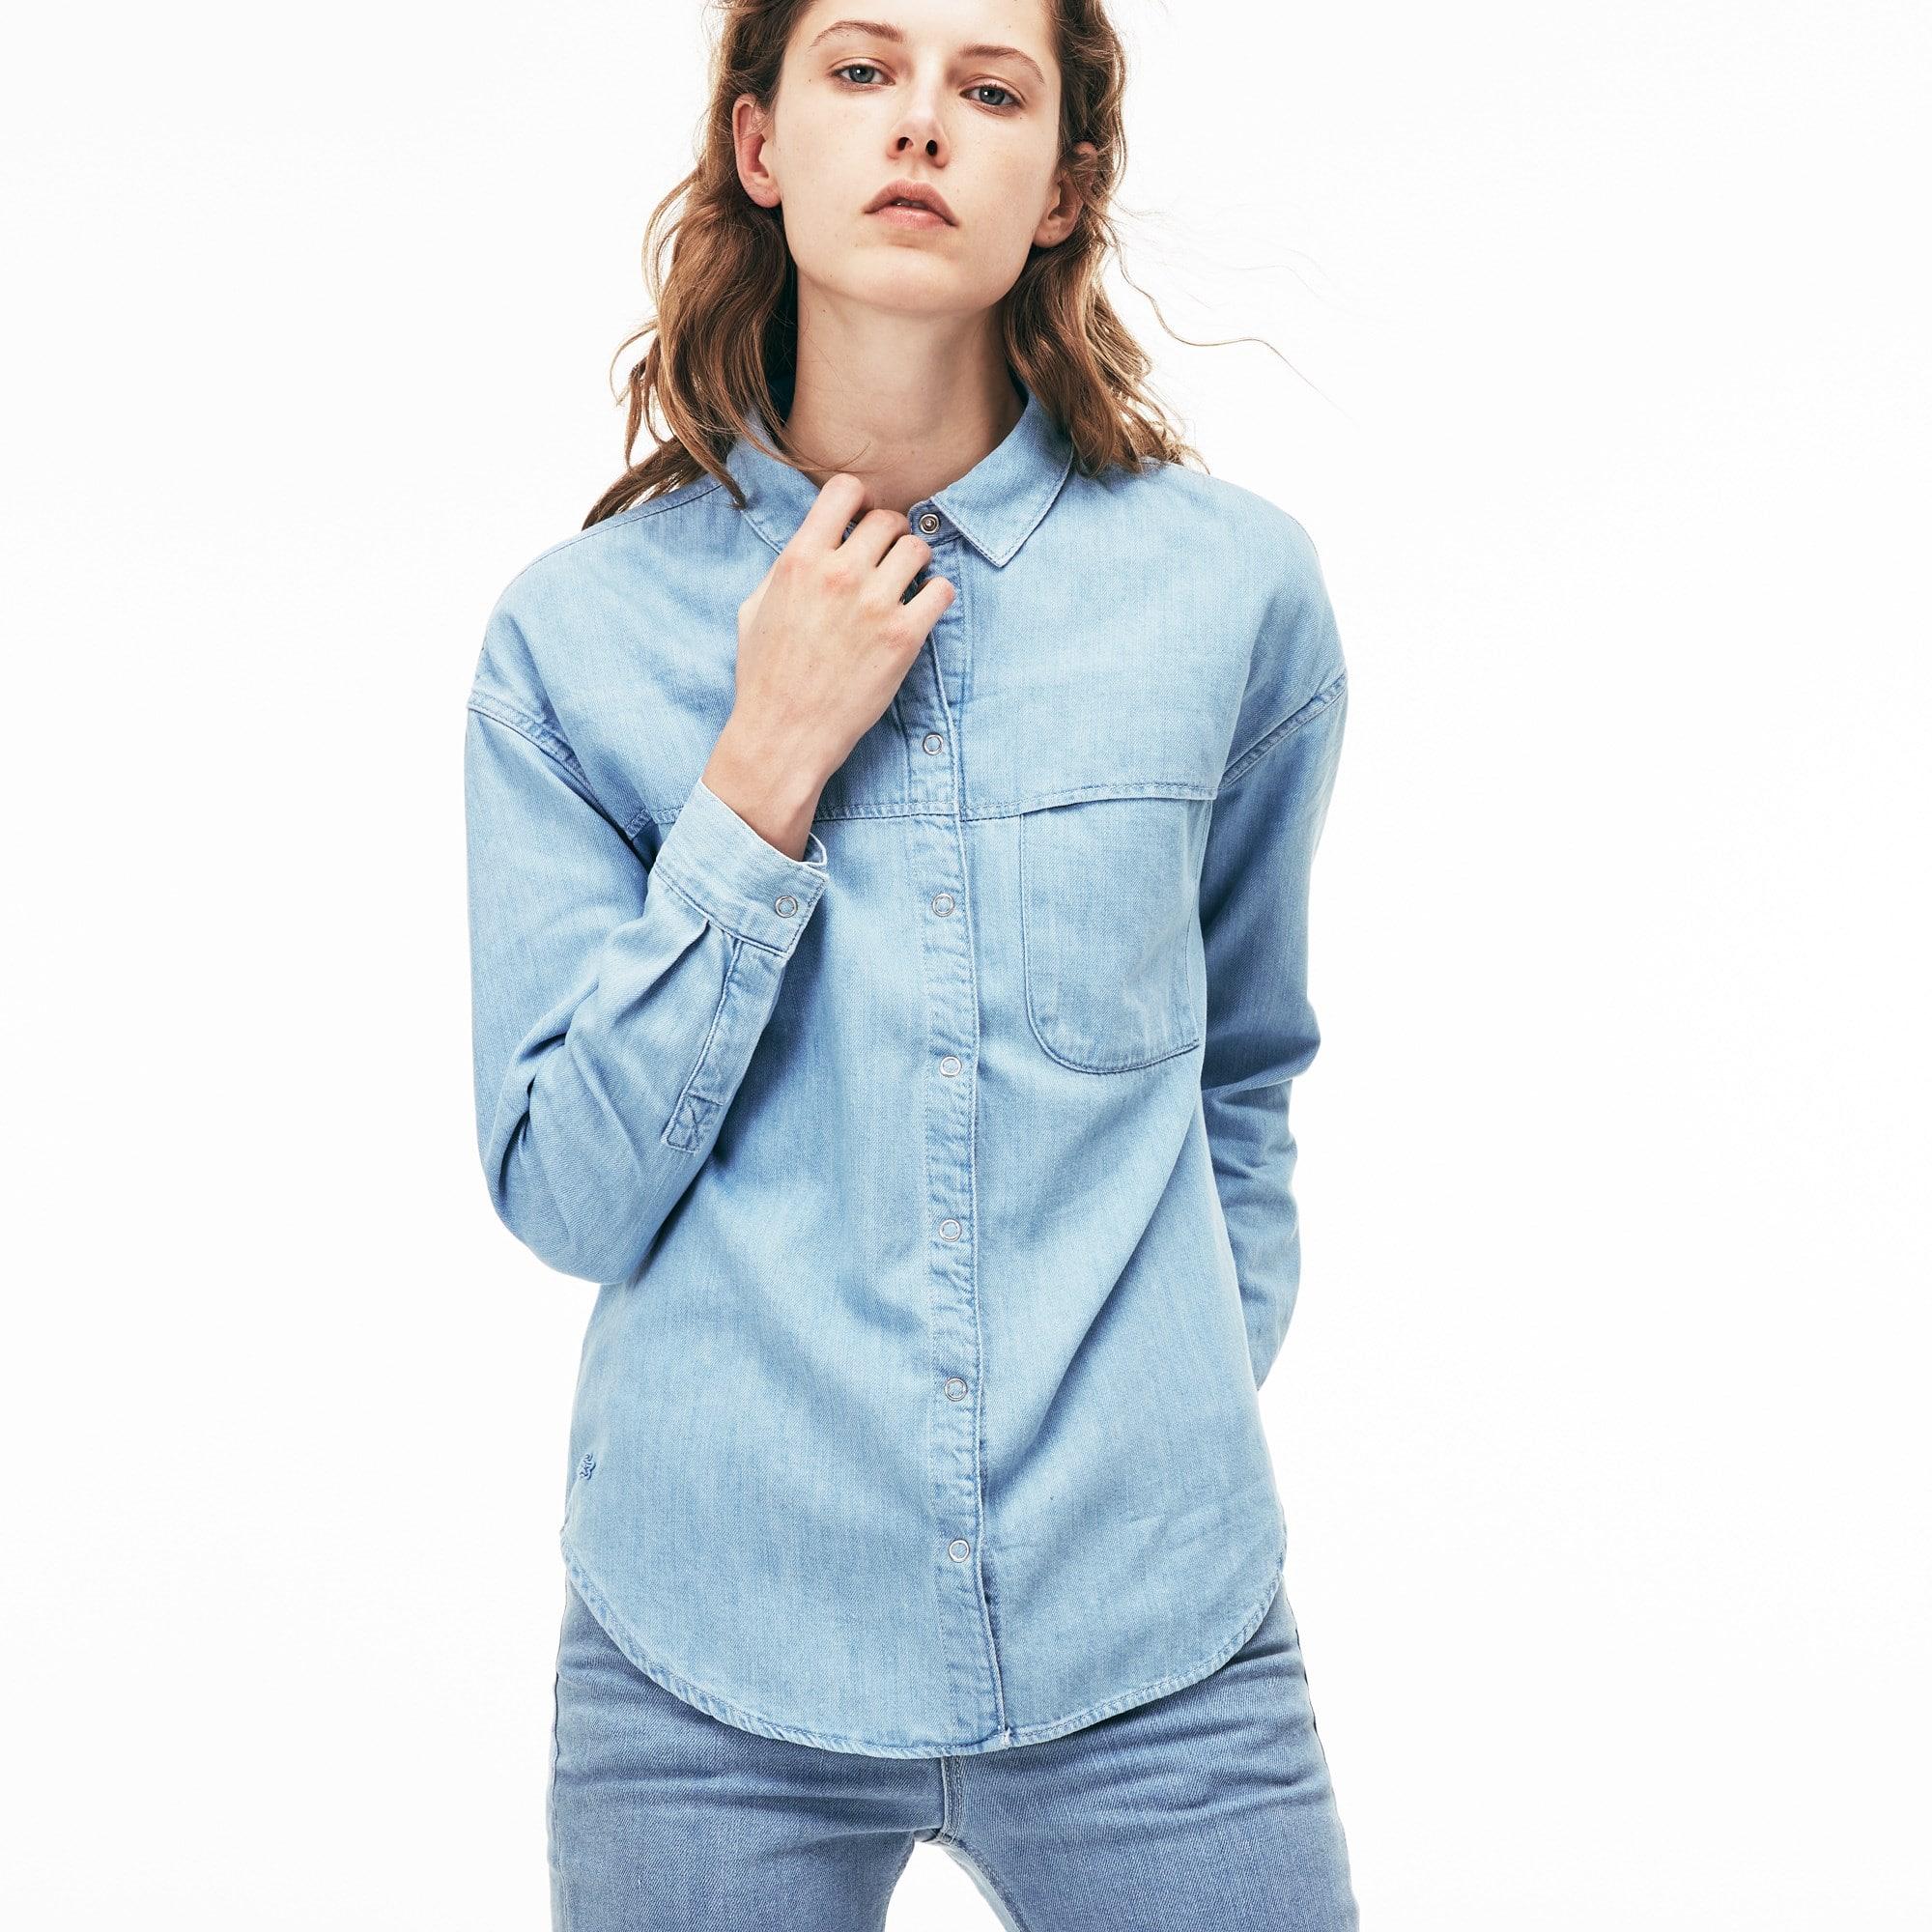 Women's Regular Fit Cotton Denim Shirt